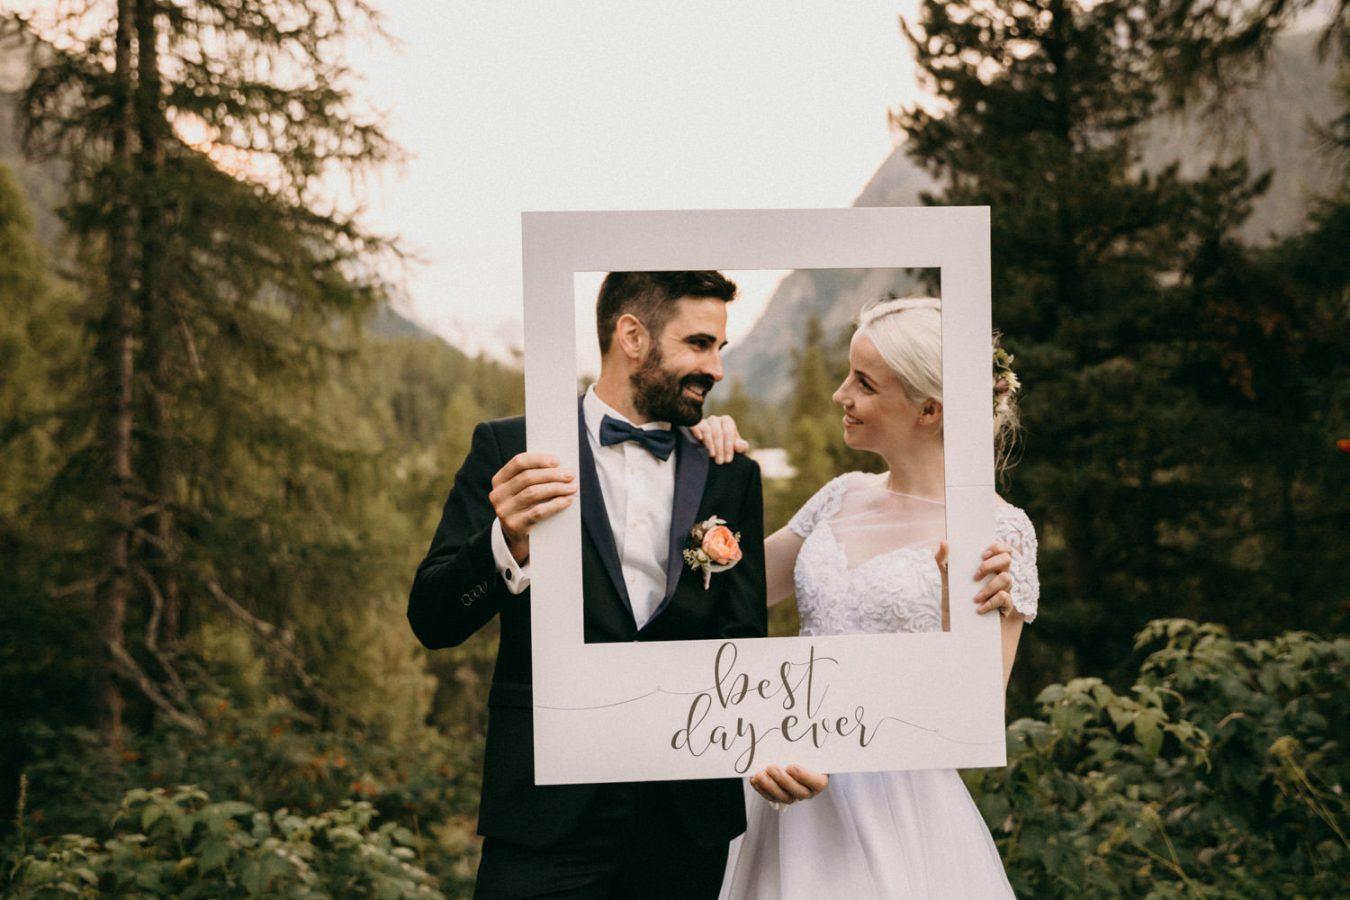 Best Day Ever Wedding